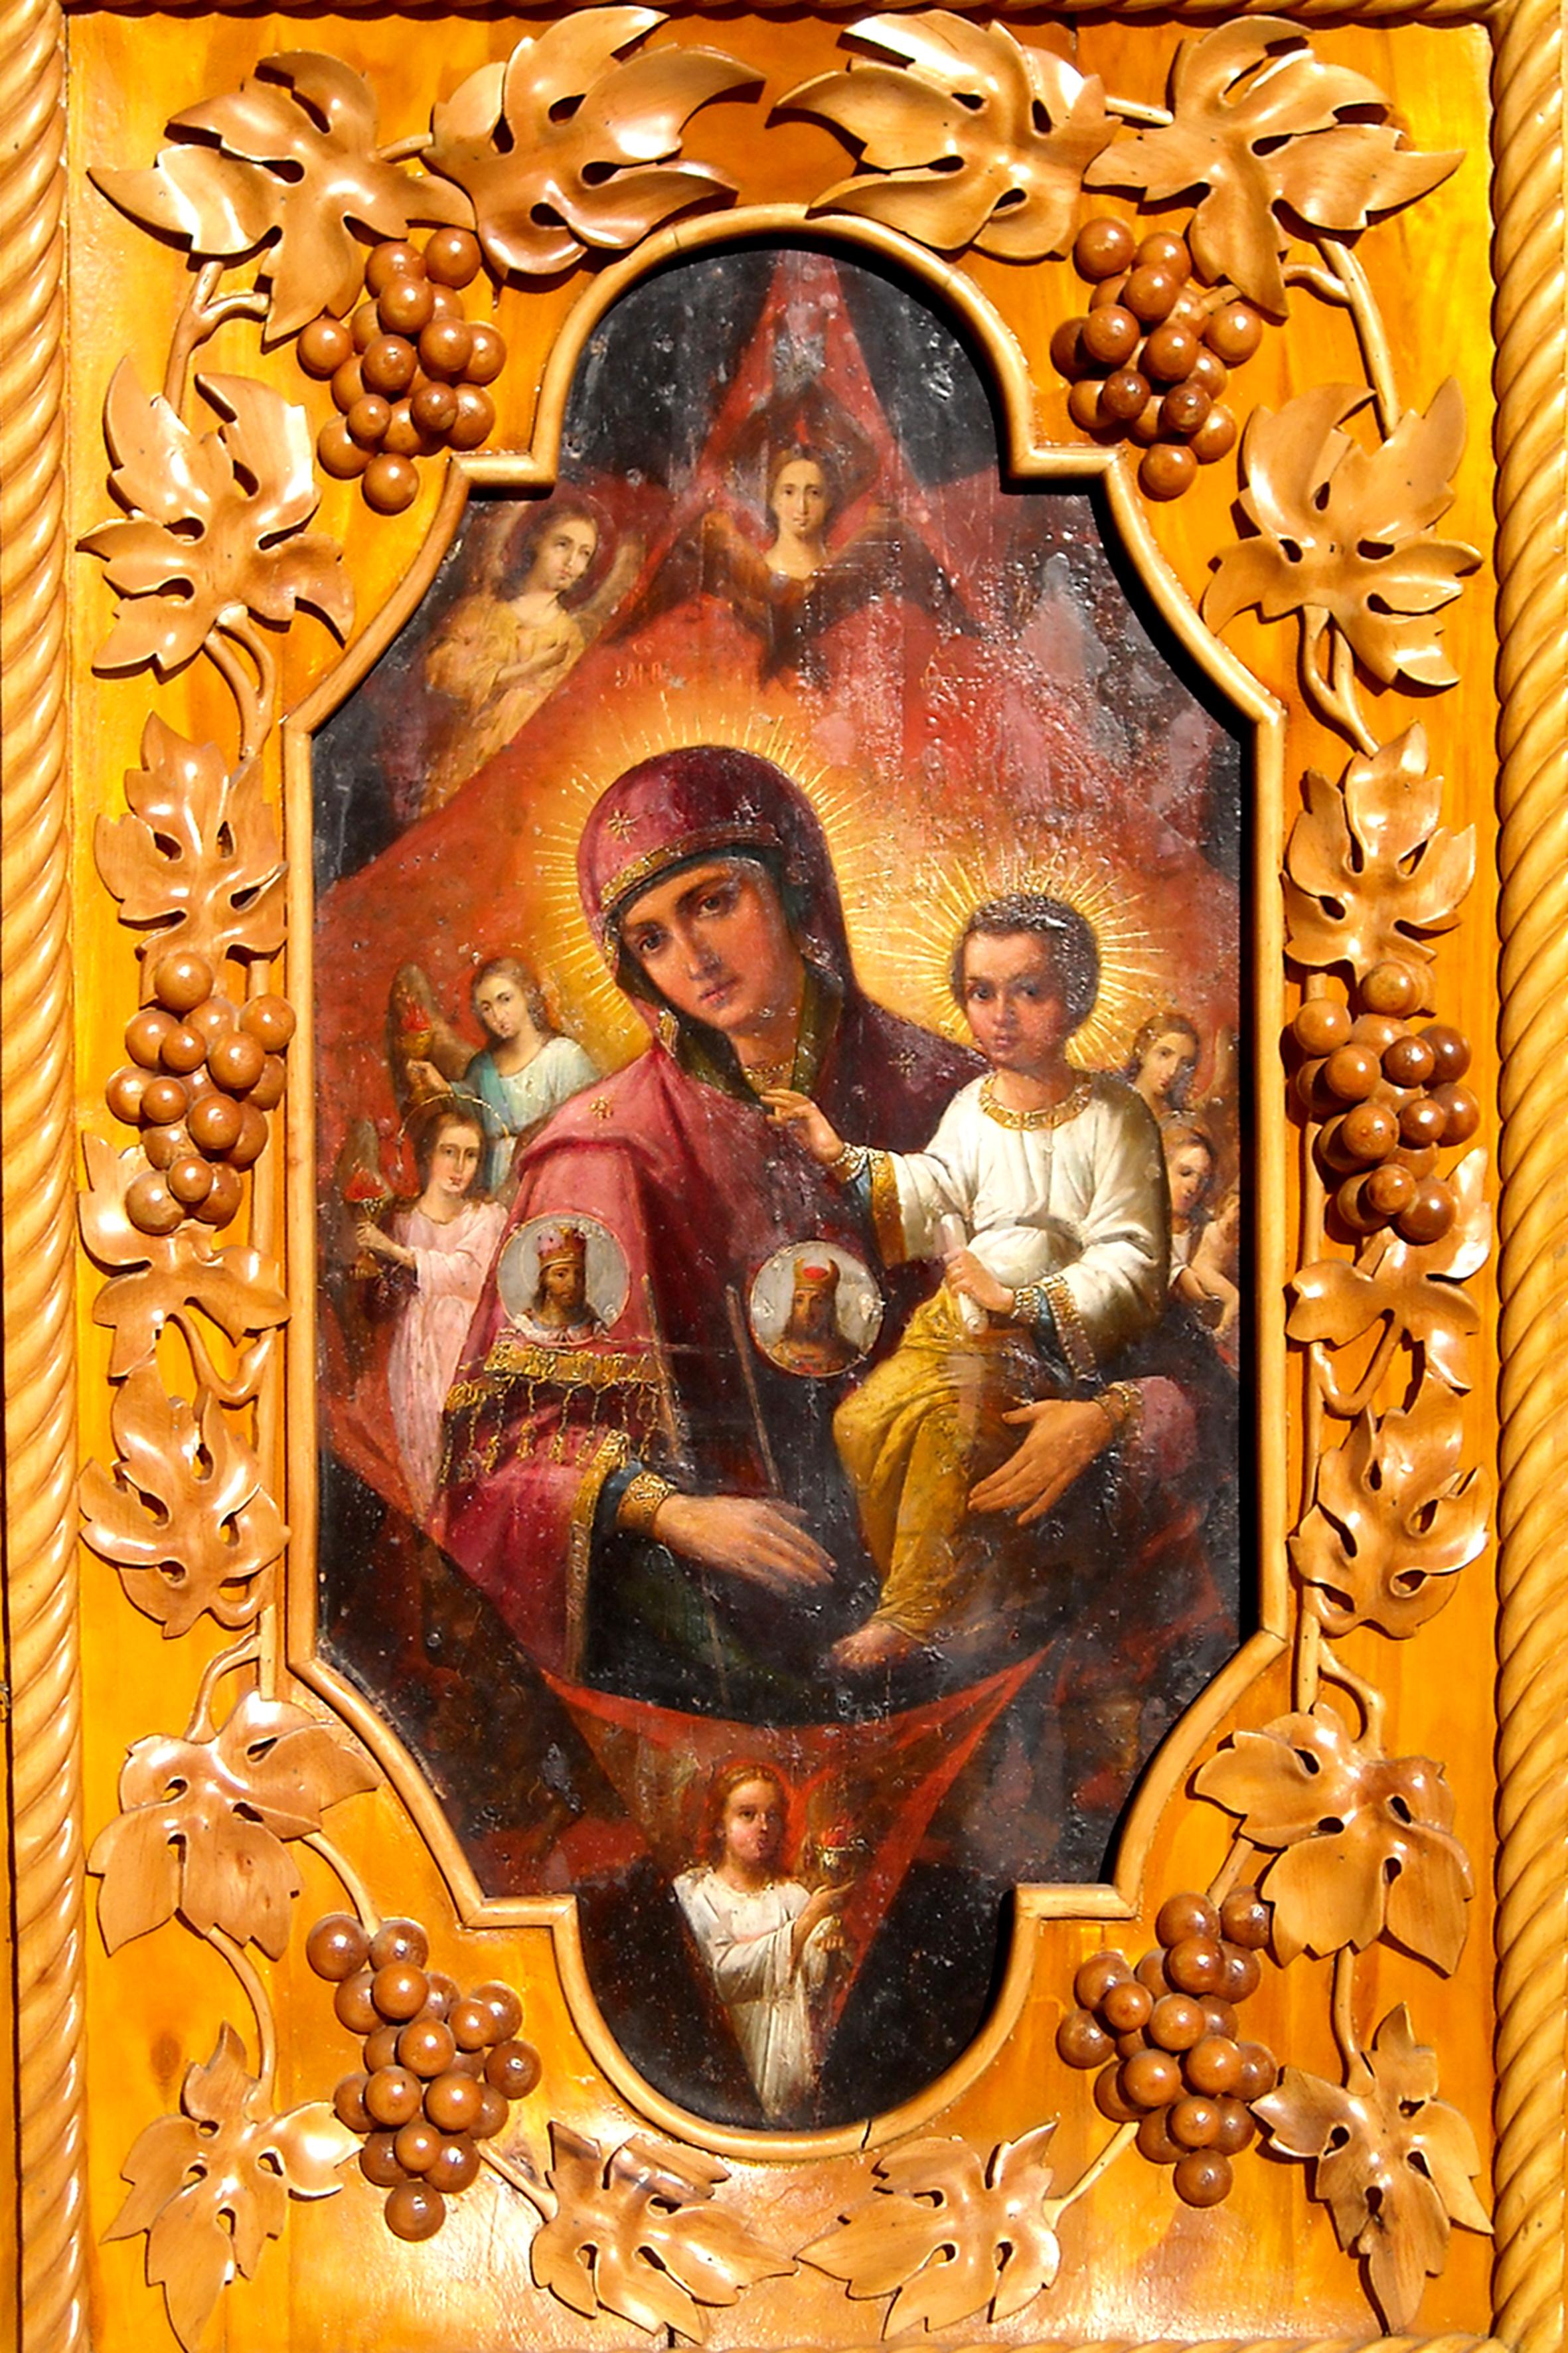 Икона Божией Матери «Неопалимая Купина» - Славянская